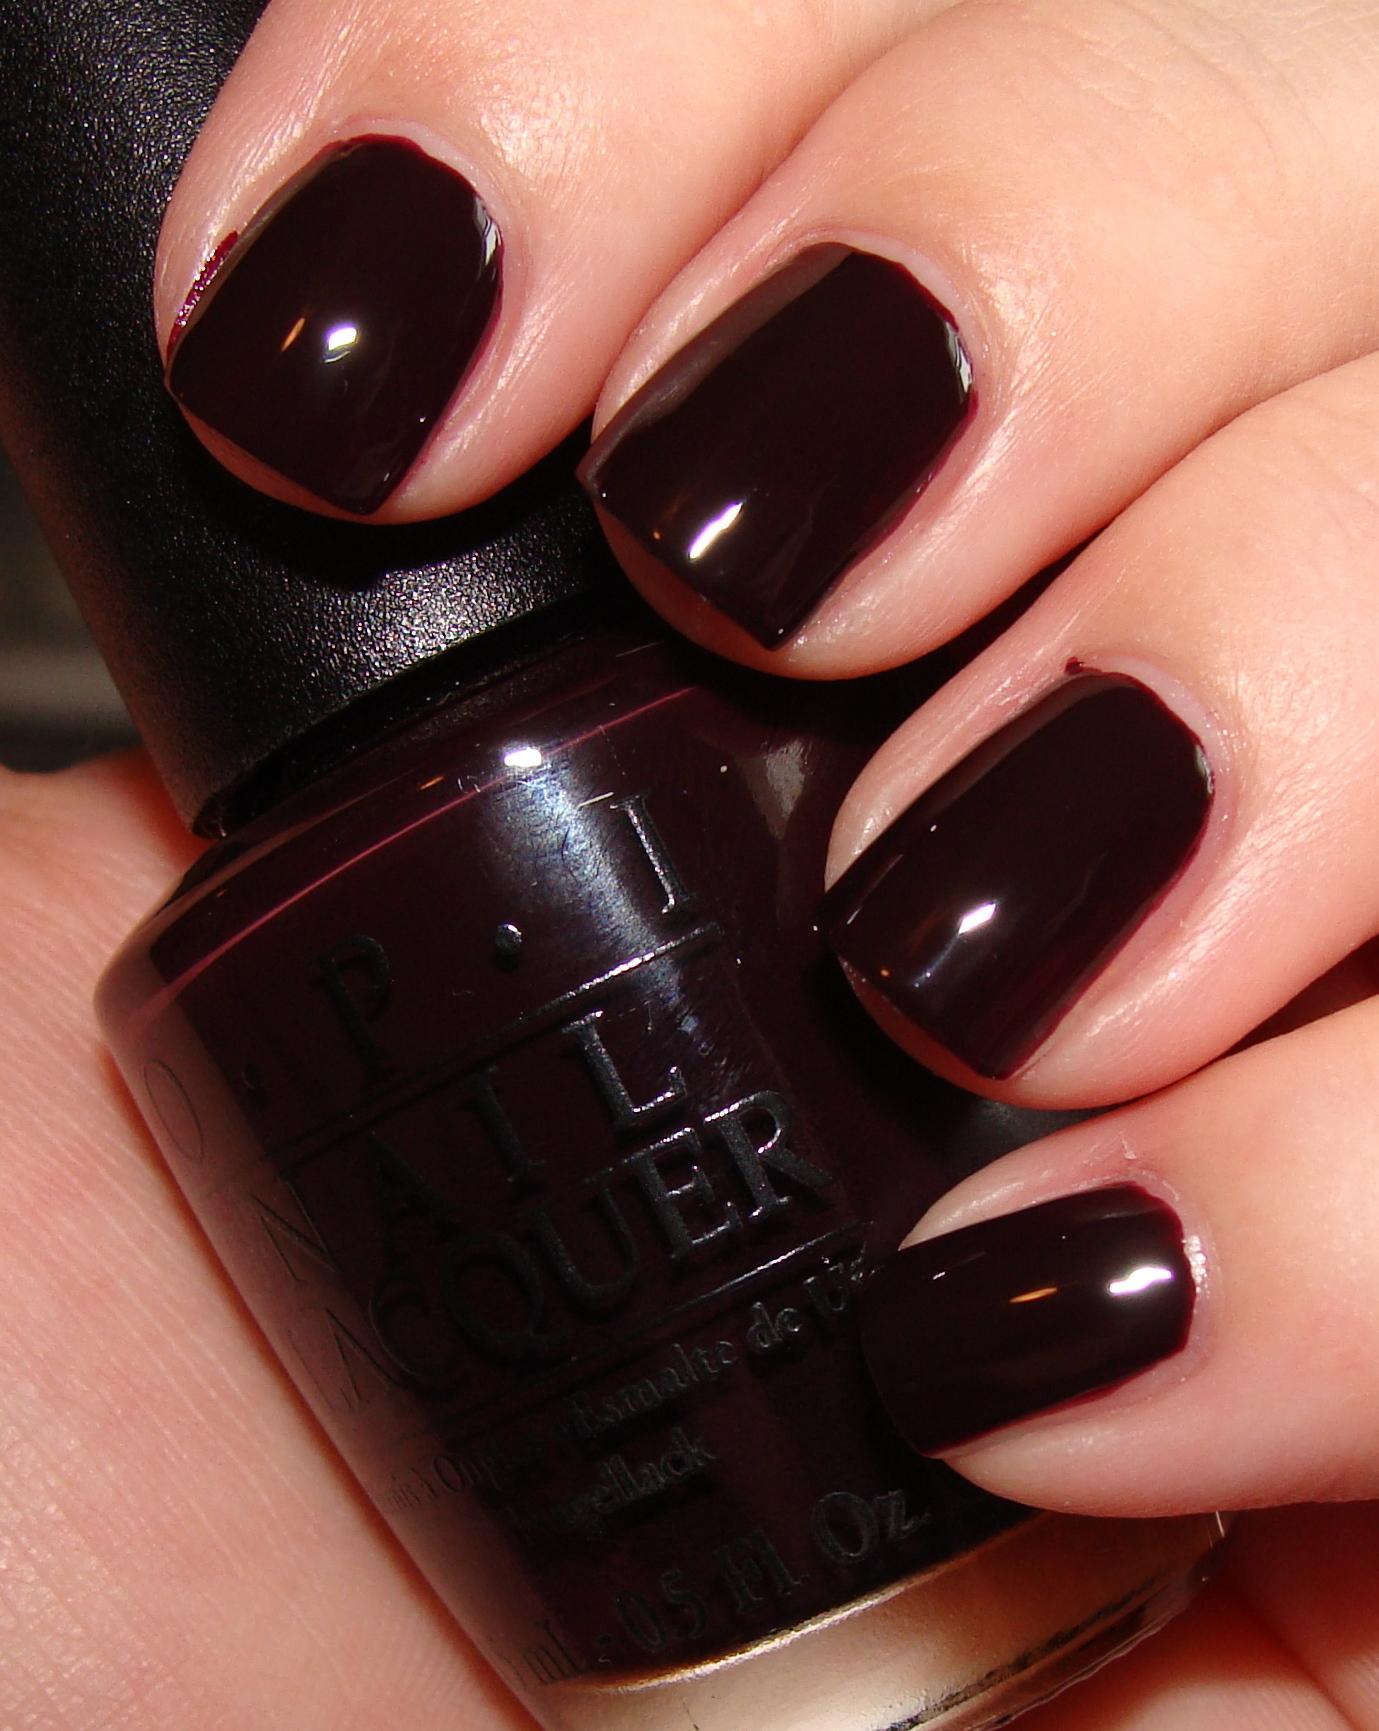 Opi Dark Nail Polish Colors - Nails Gallery